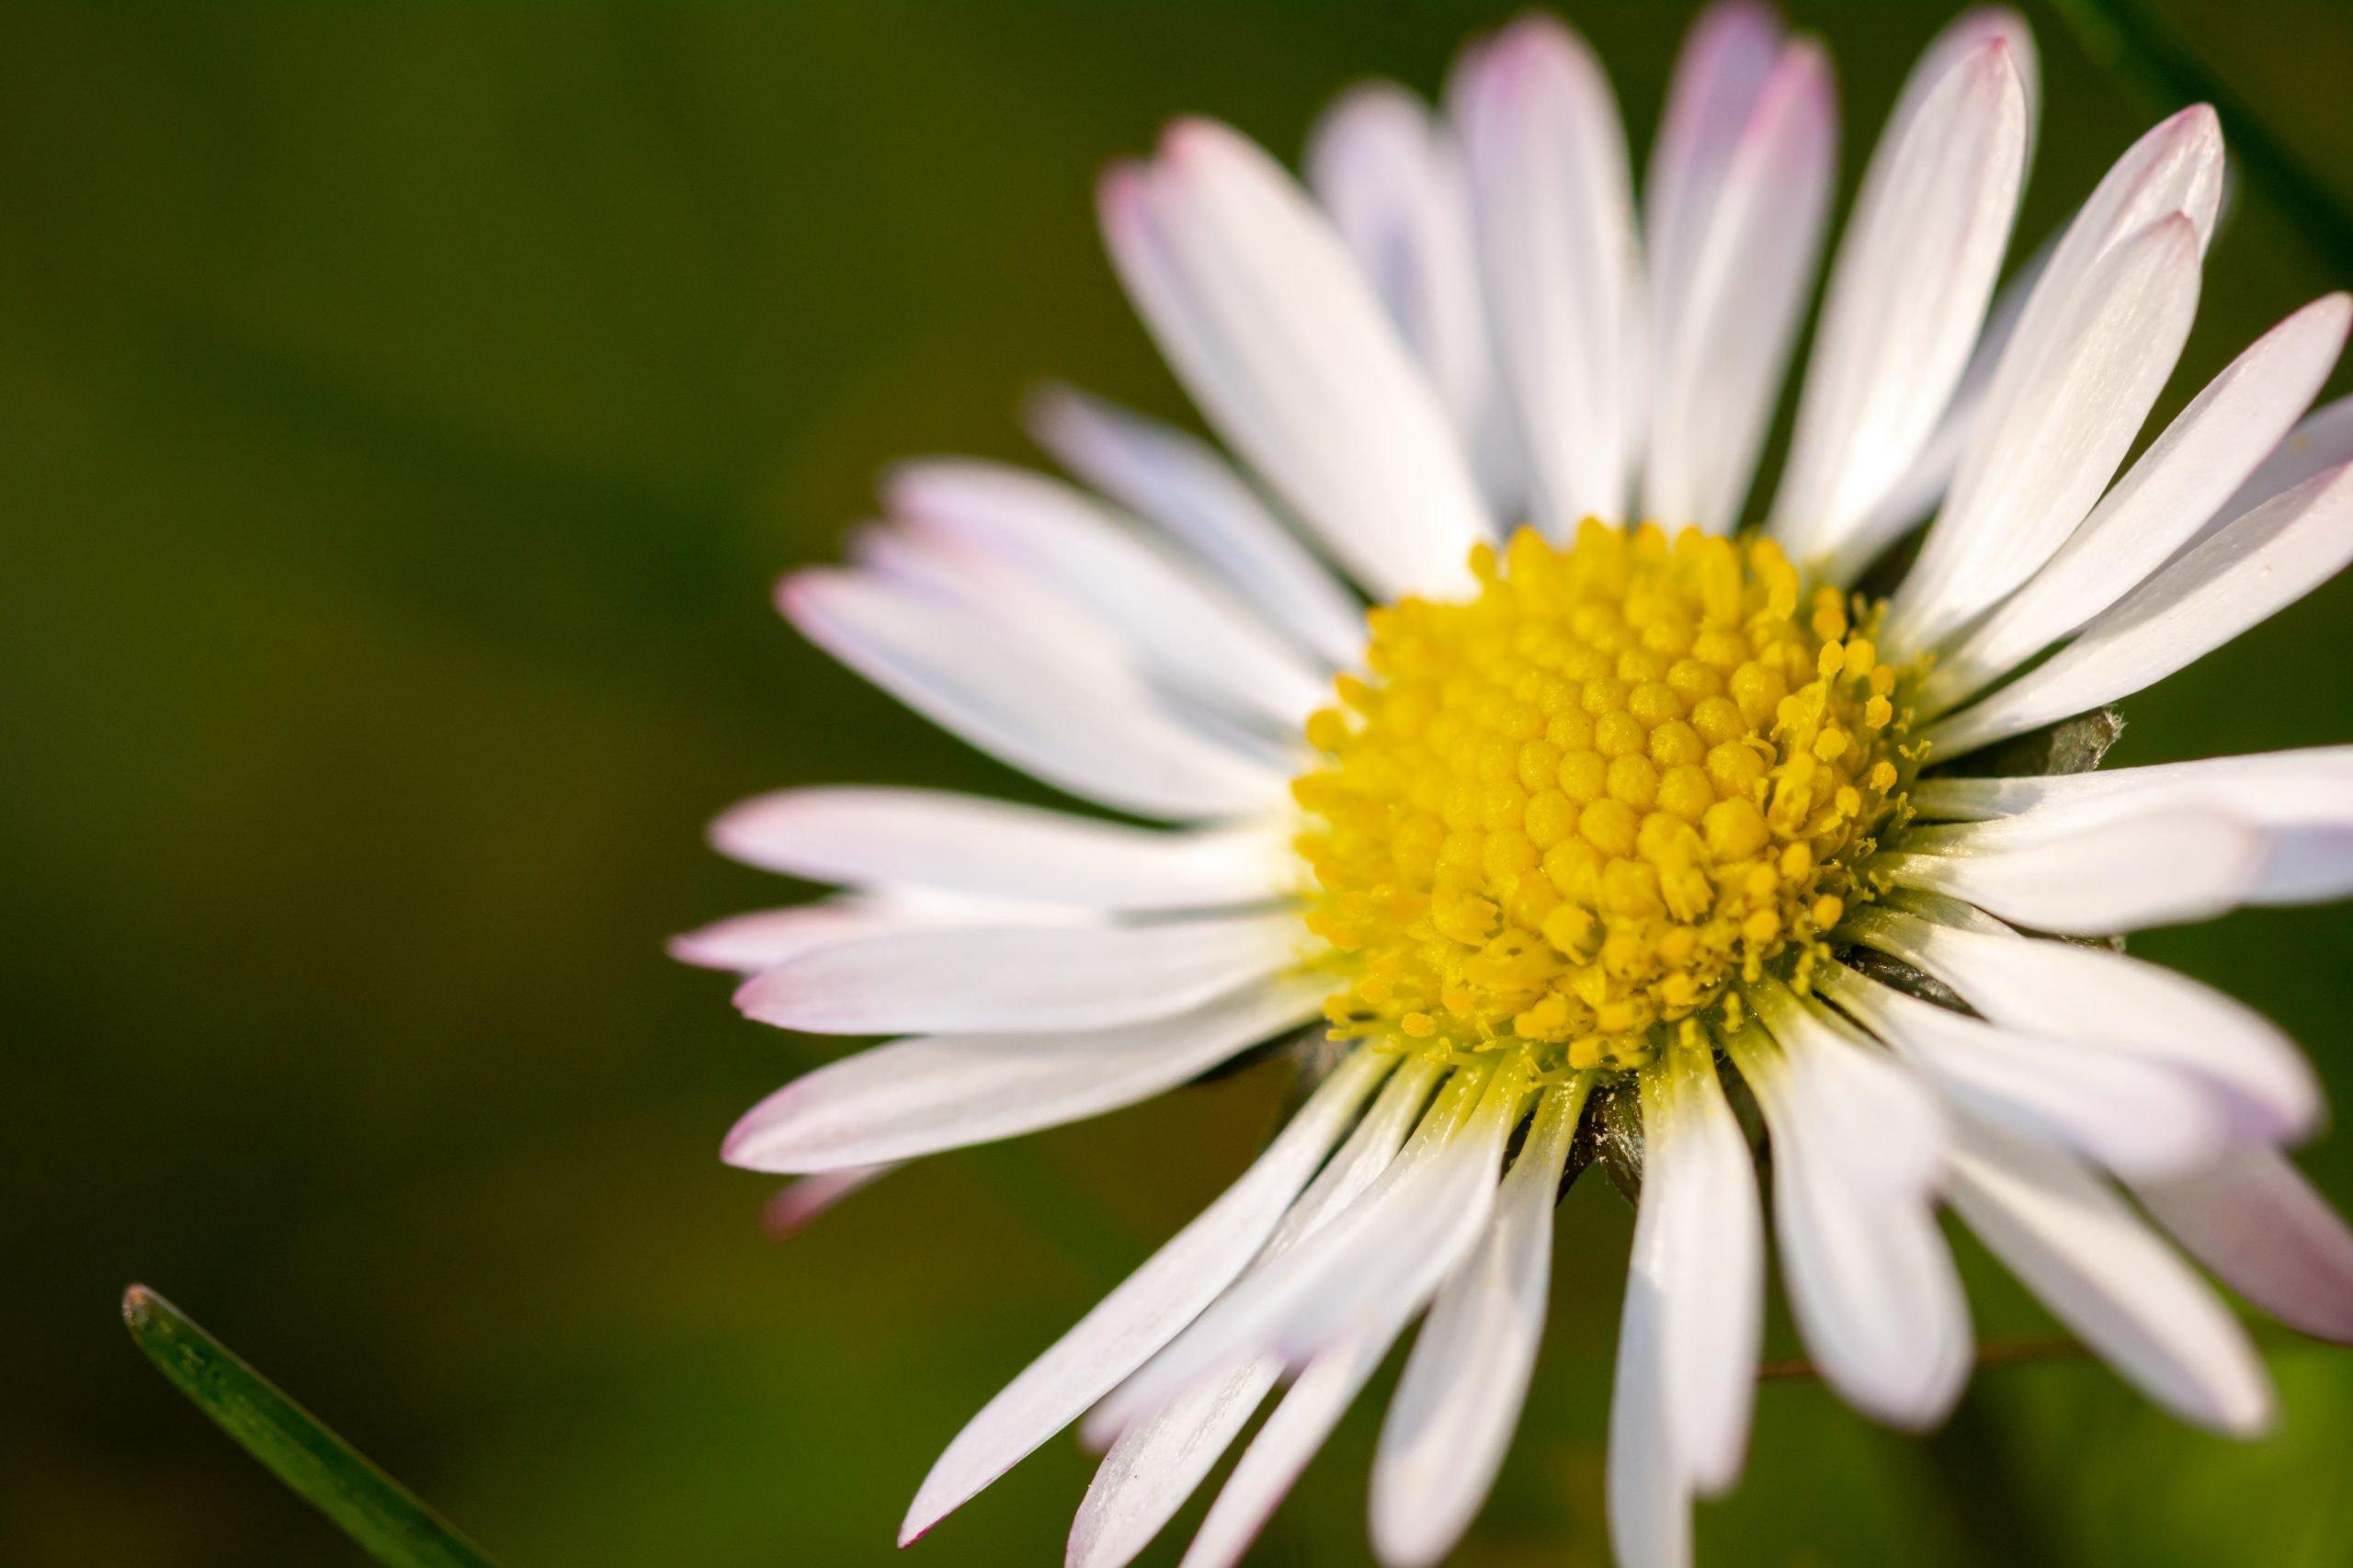 معلومات عن زهرة الأقحوان